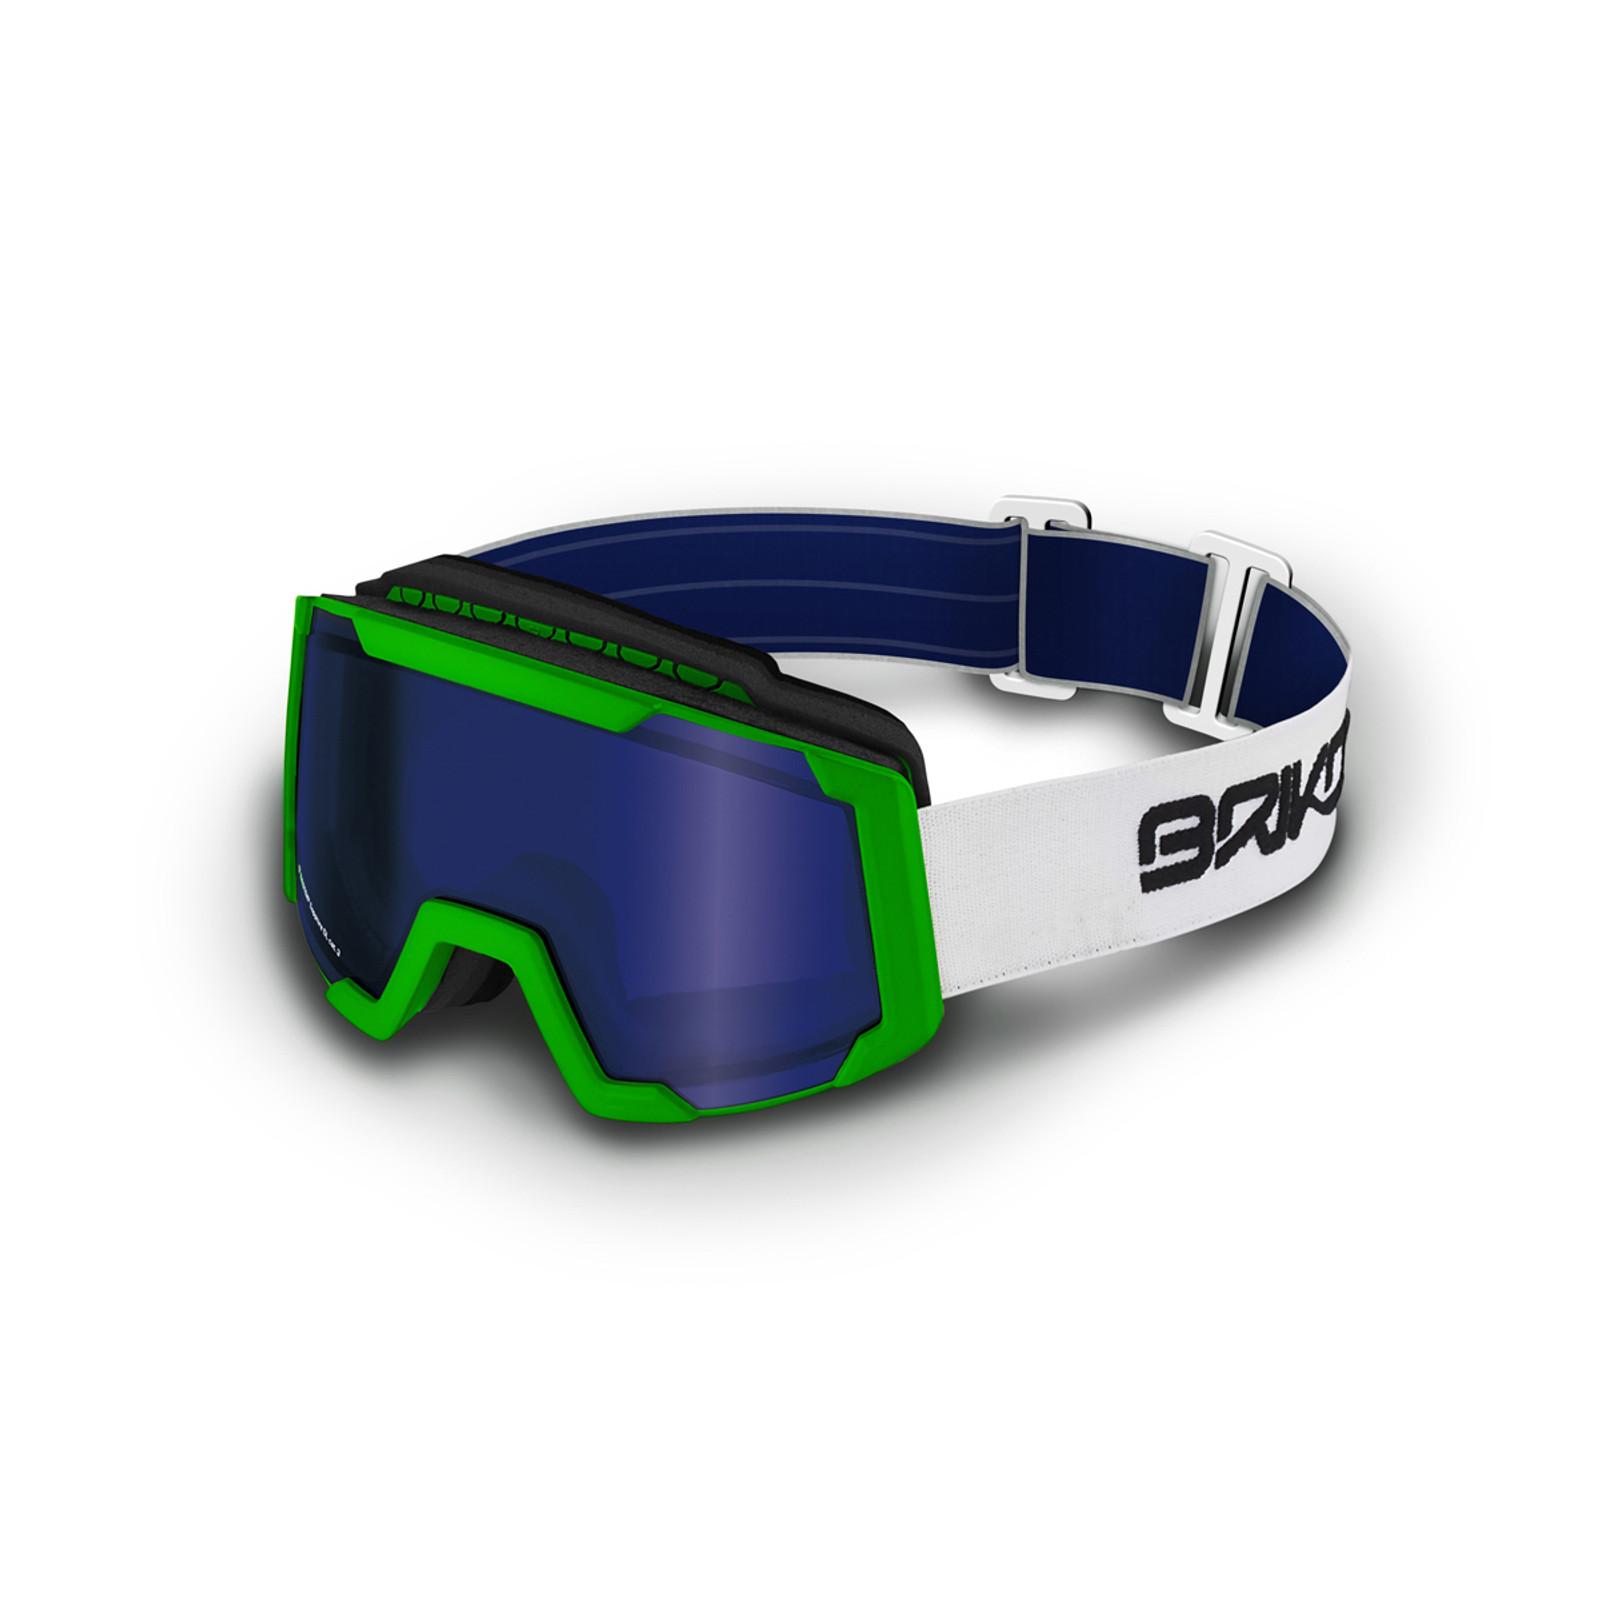 Briko Lava Goggle